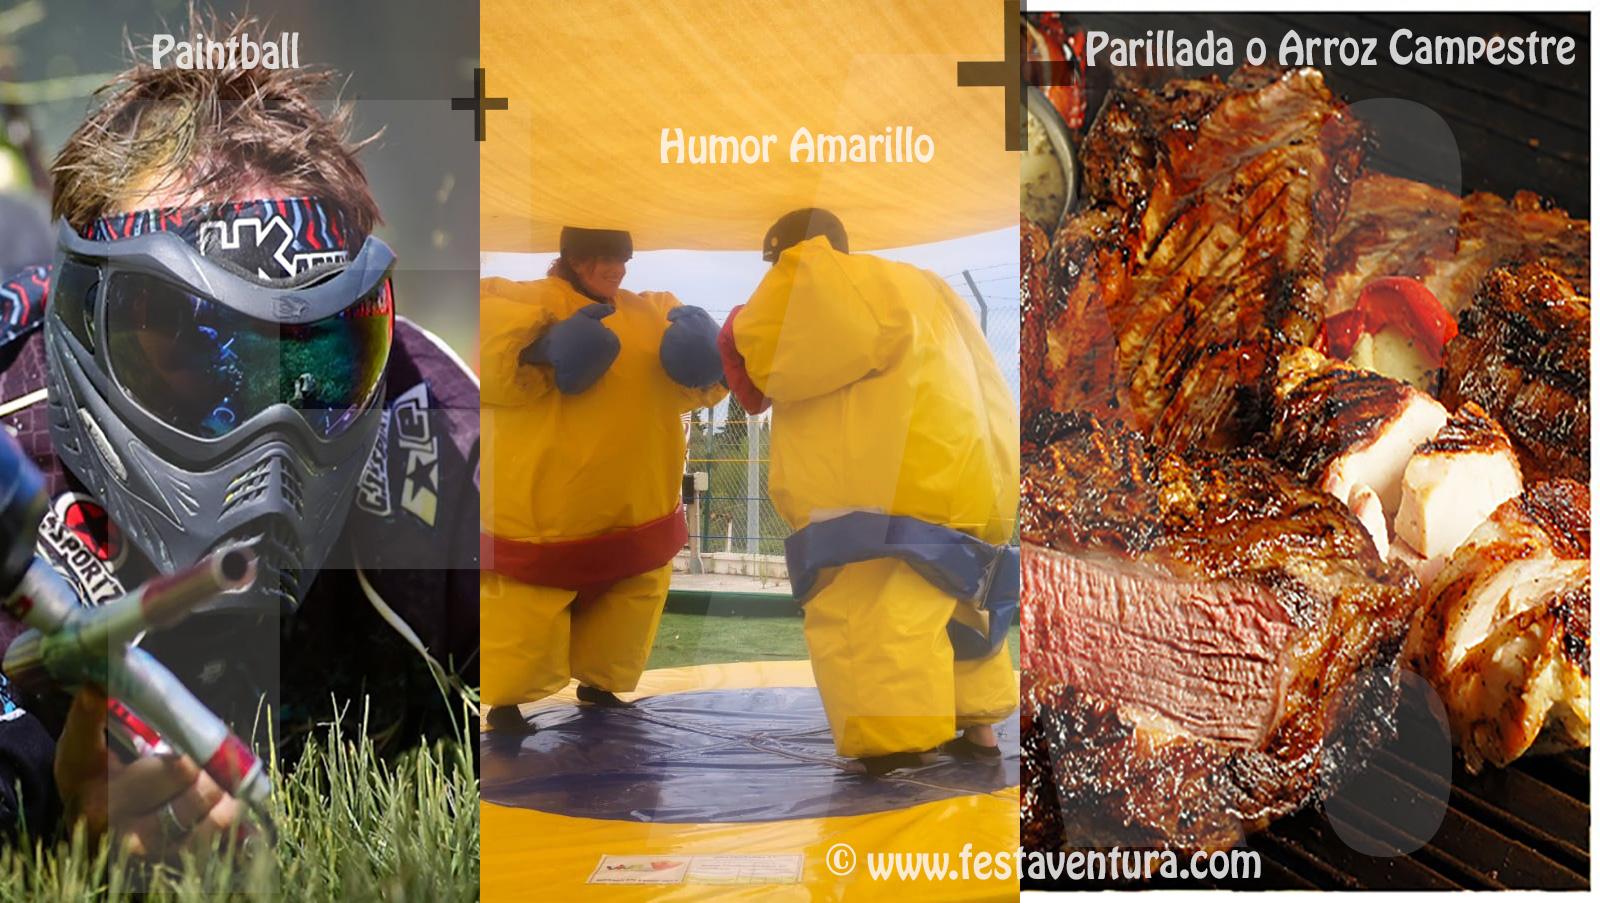 Humor Amarillo + Paintball + Parrillada con barra libre en Sitges